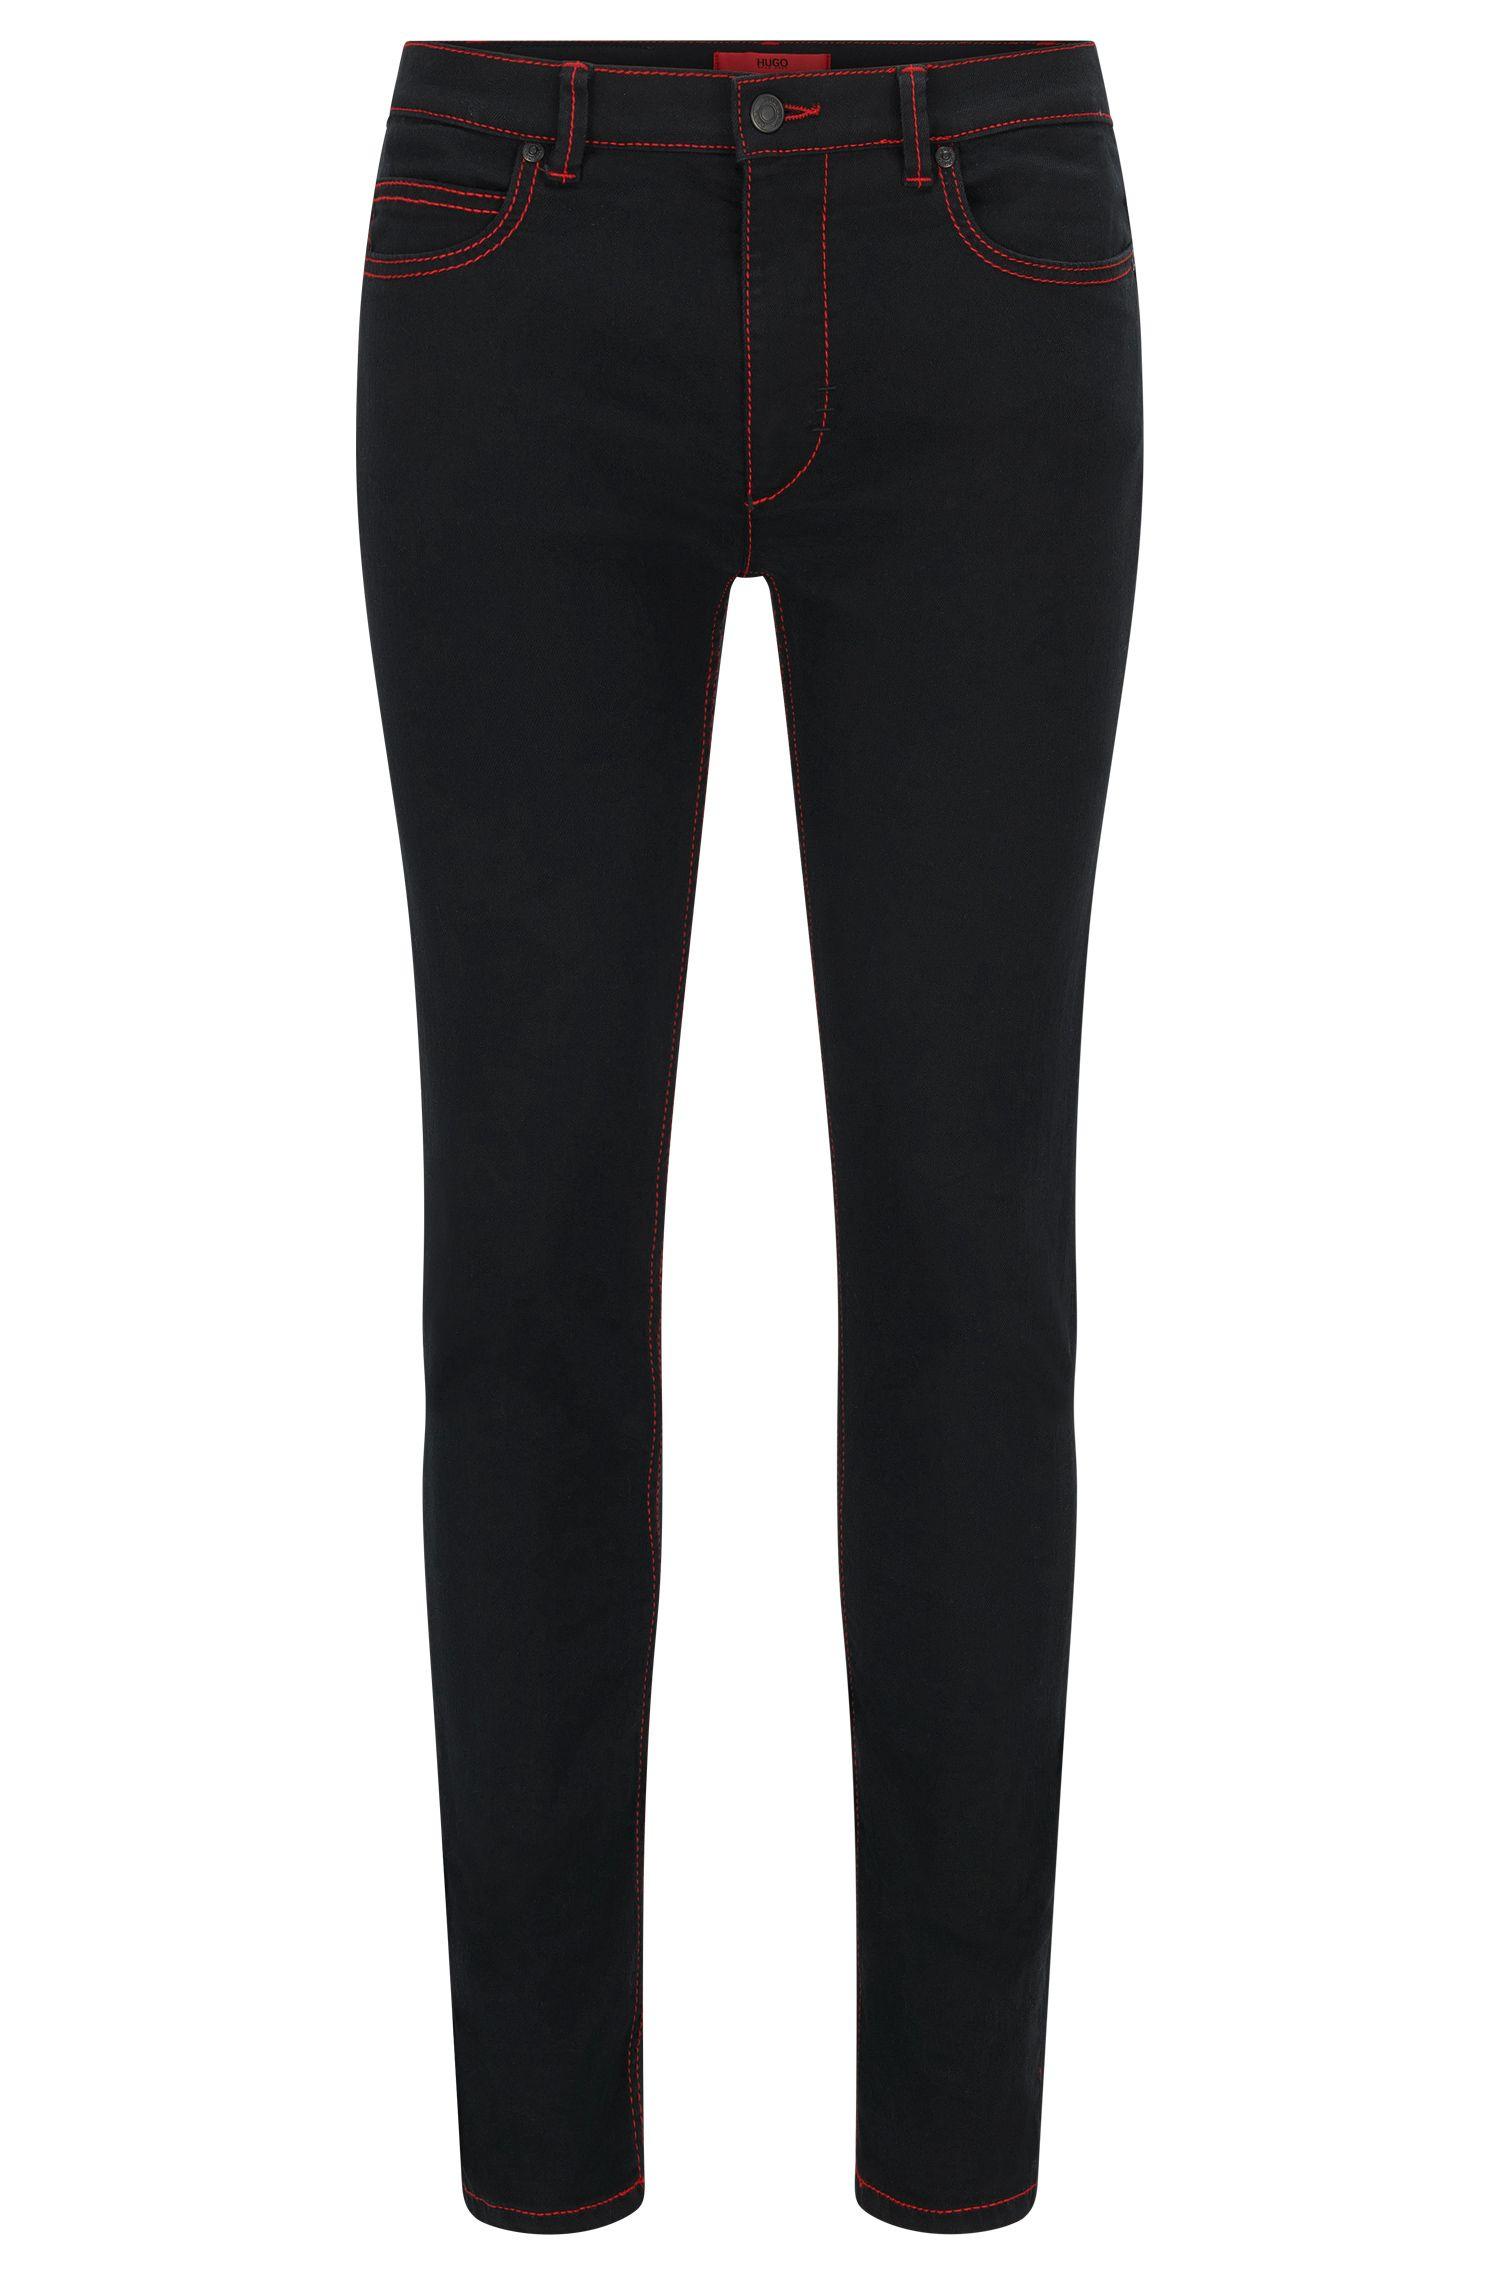 Skinny-Fit Jeans aus Stretch-Baumwolle mit roten Naht-Details